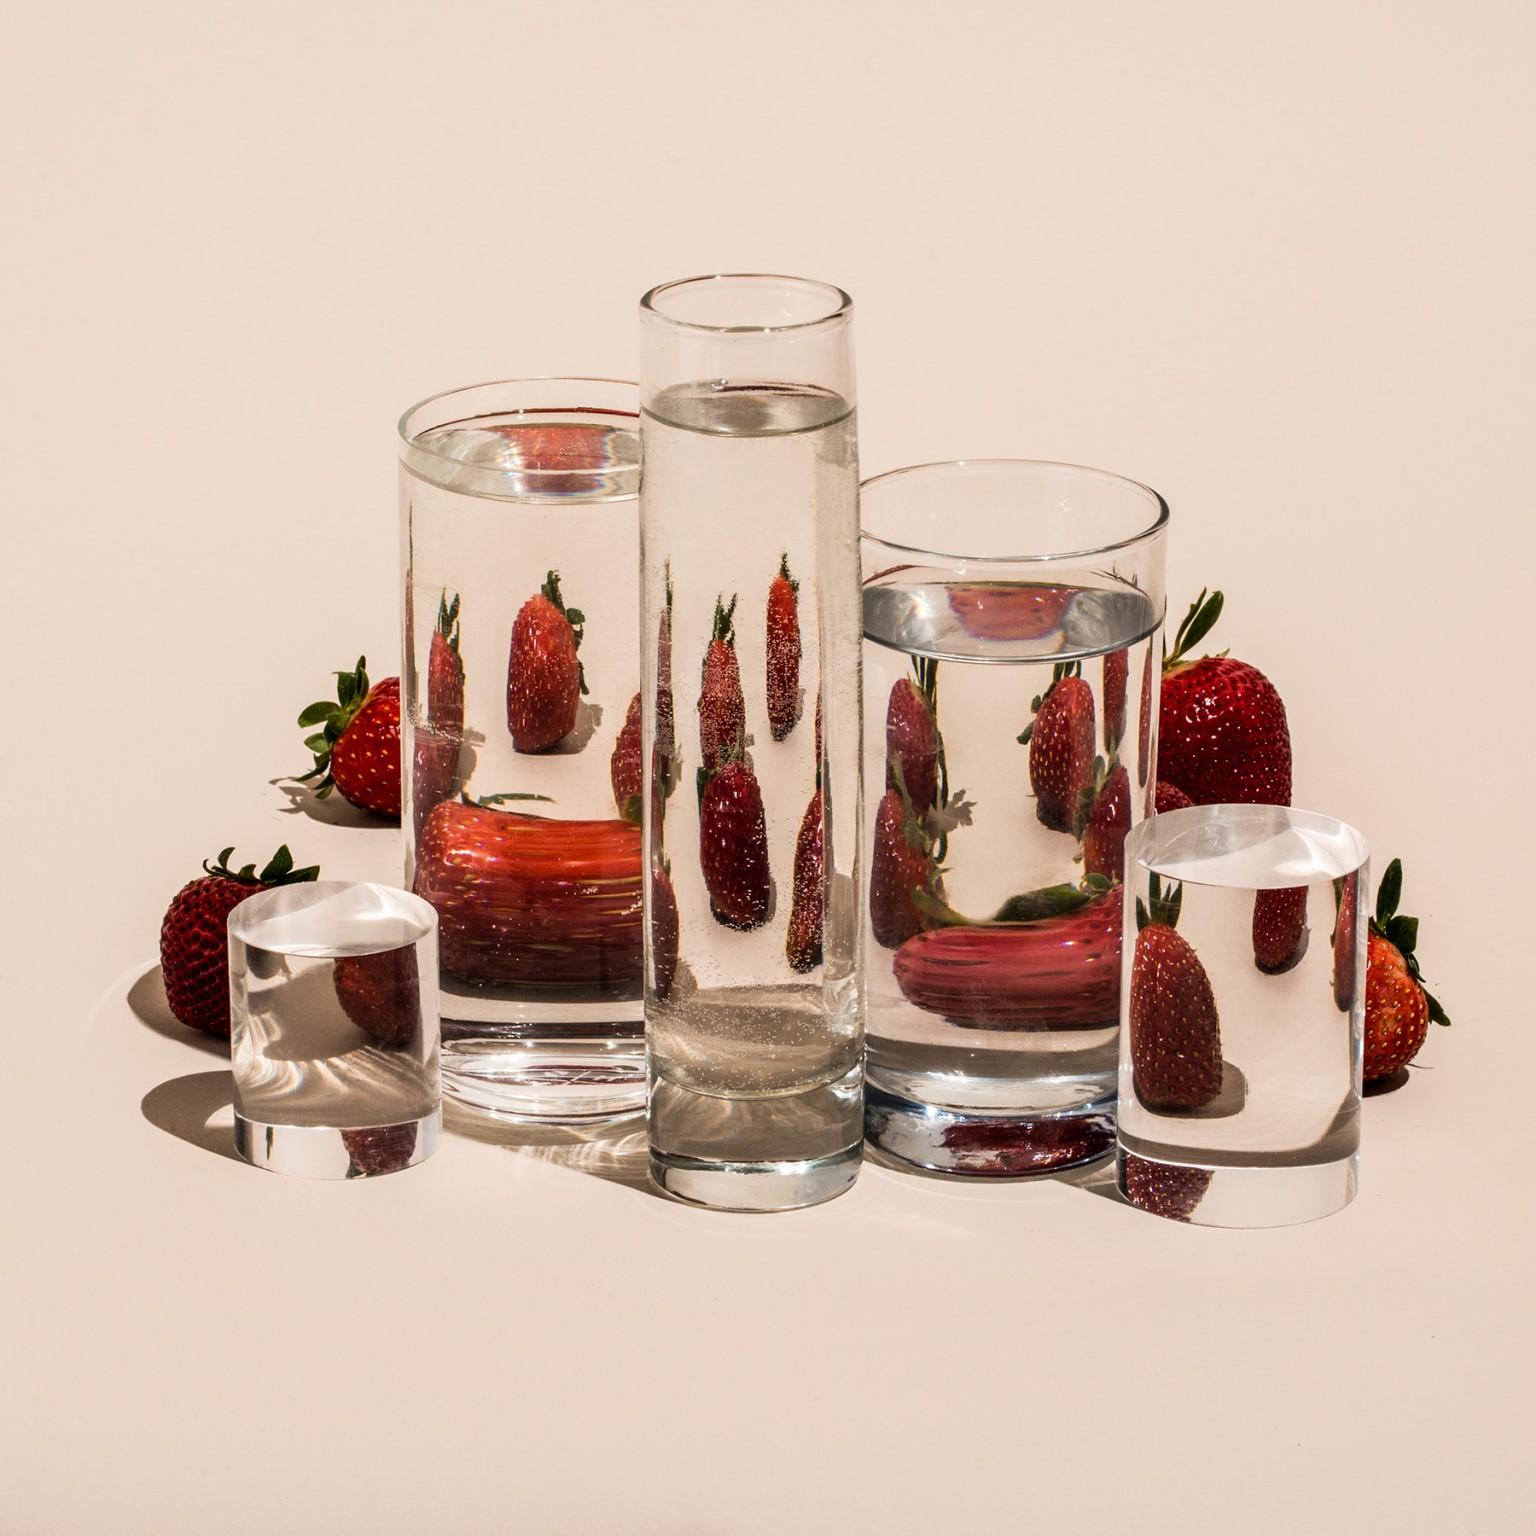 Perspective, le fotografie distorte di Suzanne Saroff   Collater.al 5